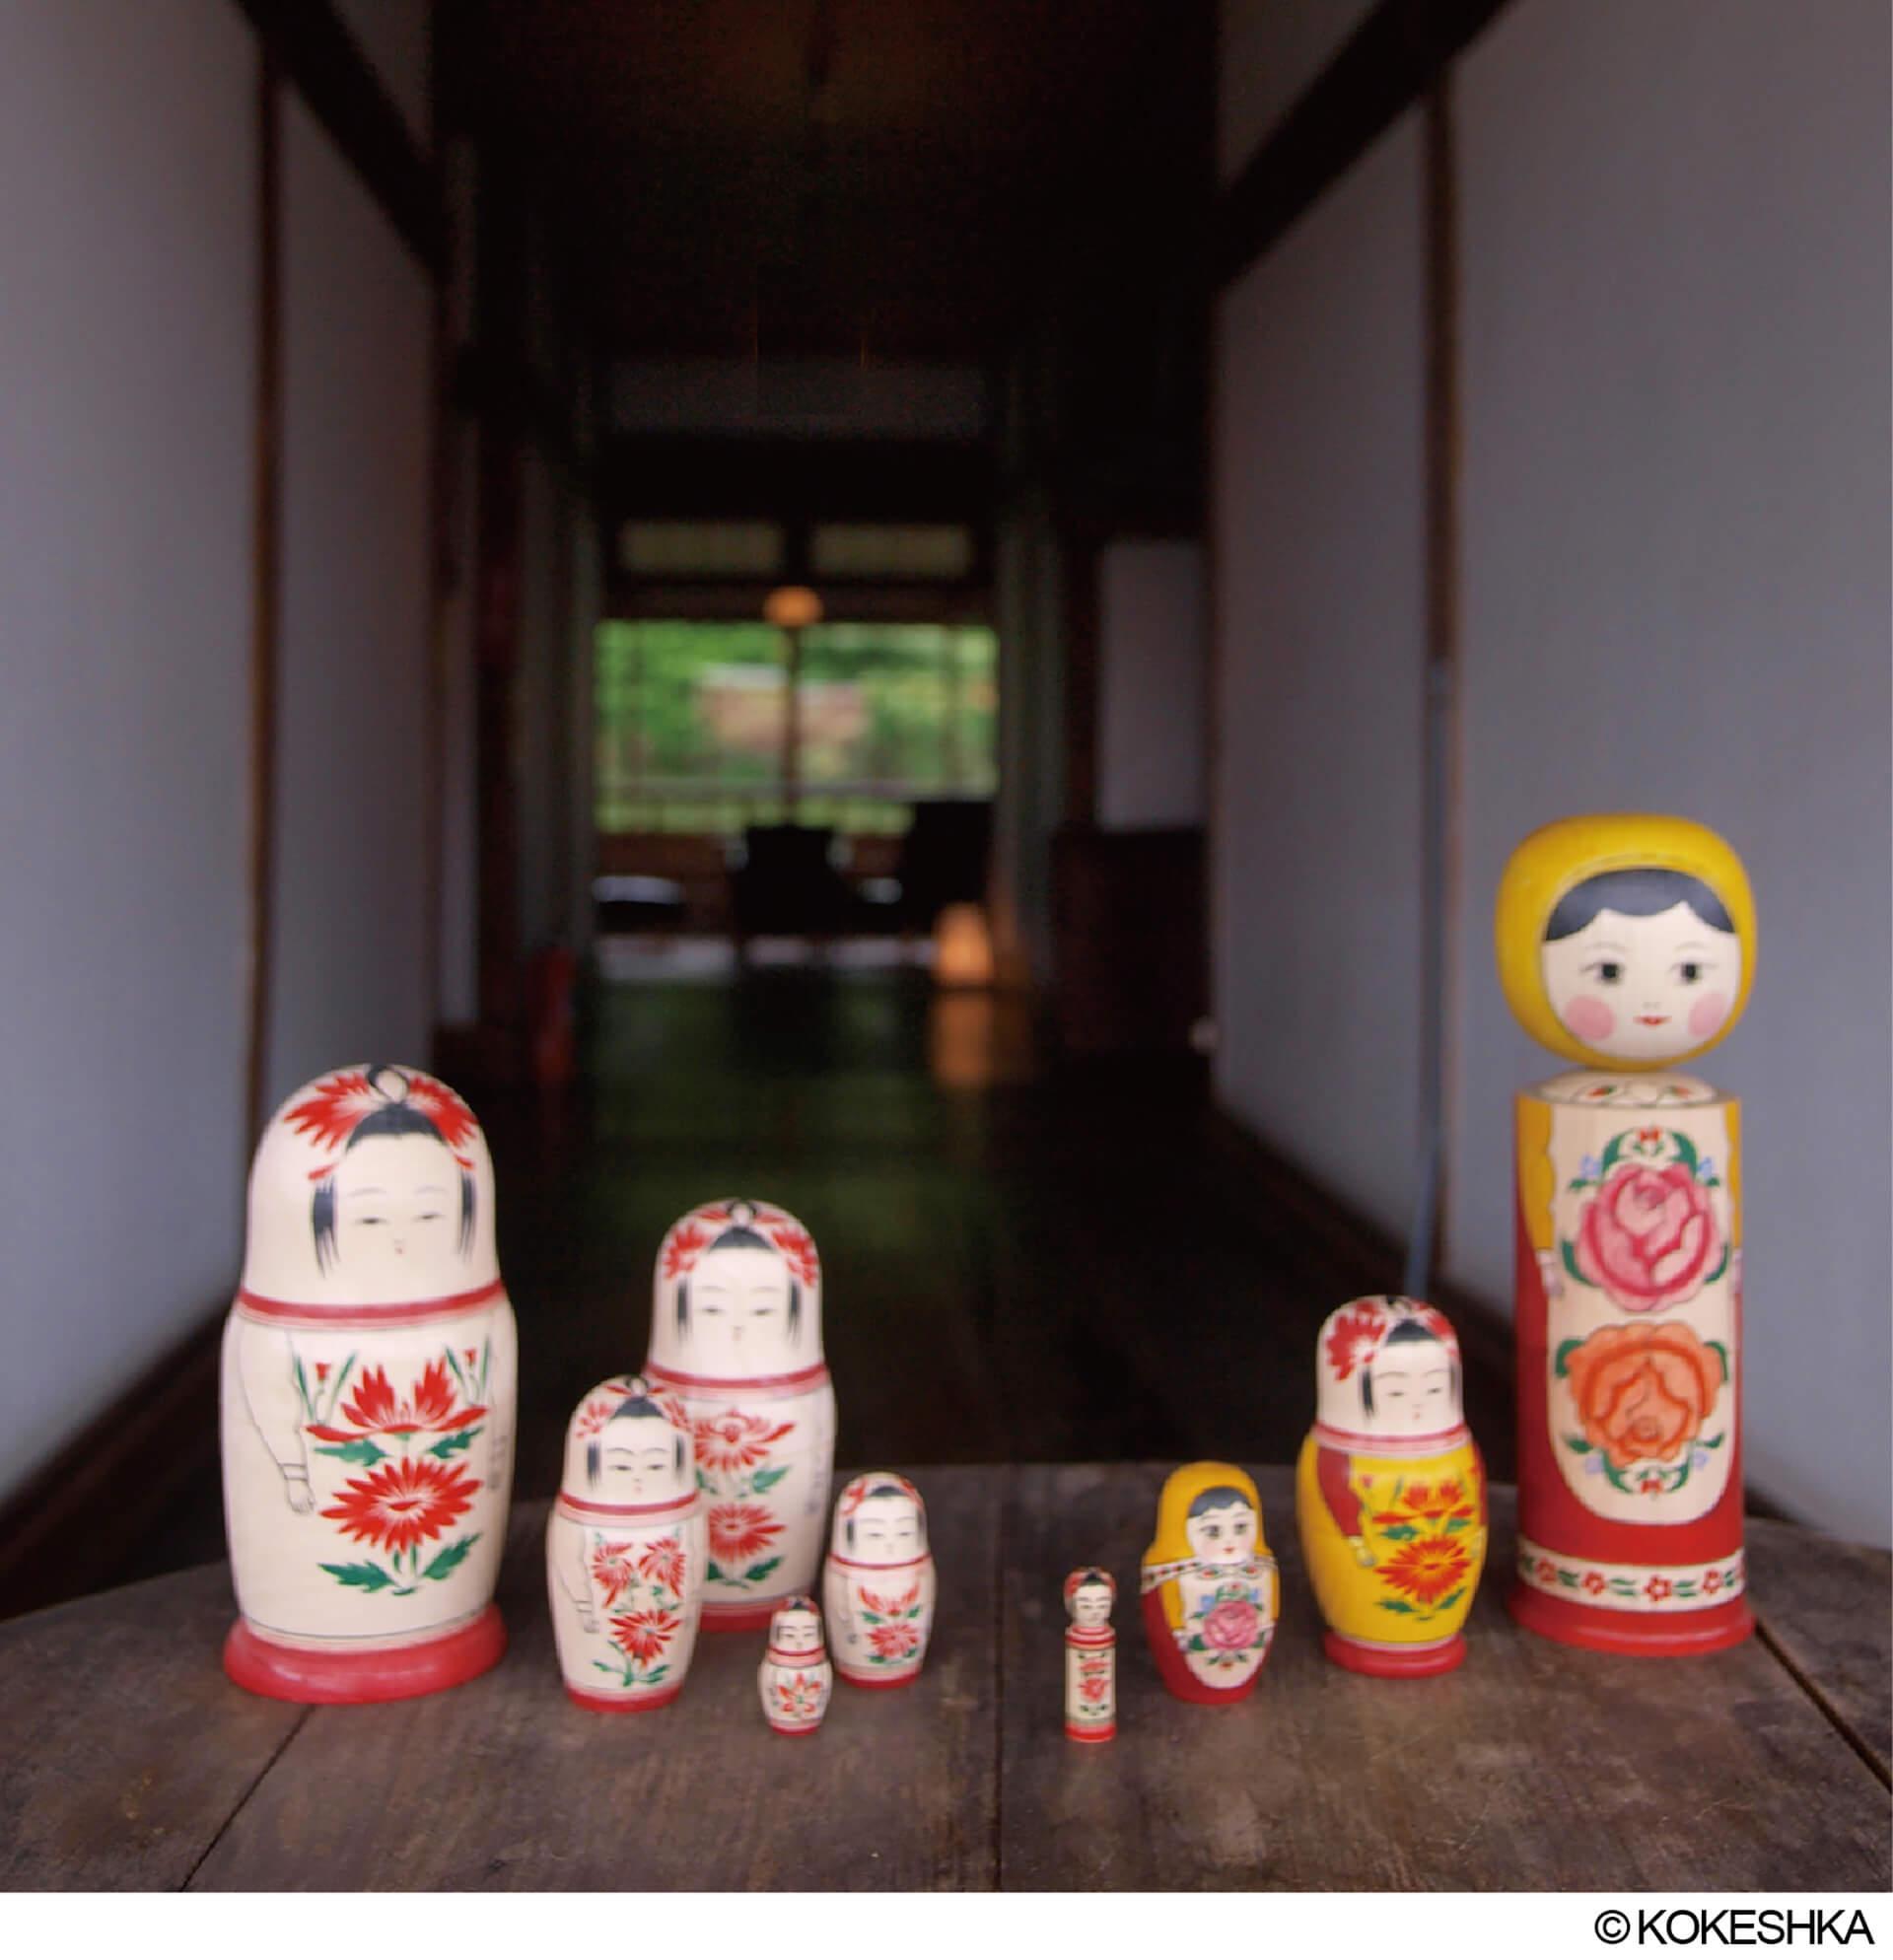 チェブラーシカとロシアのかわいい人形たち